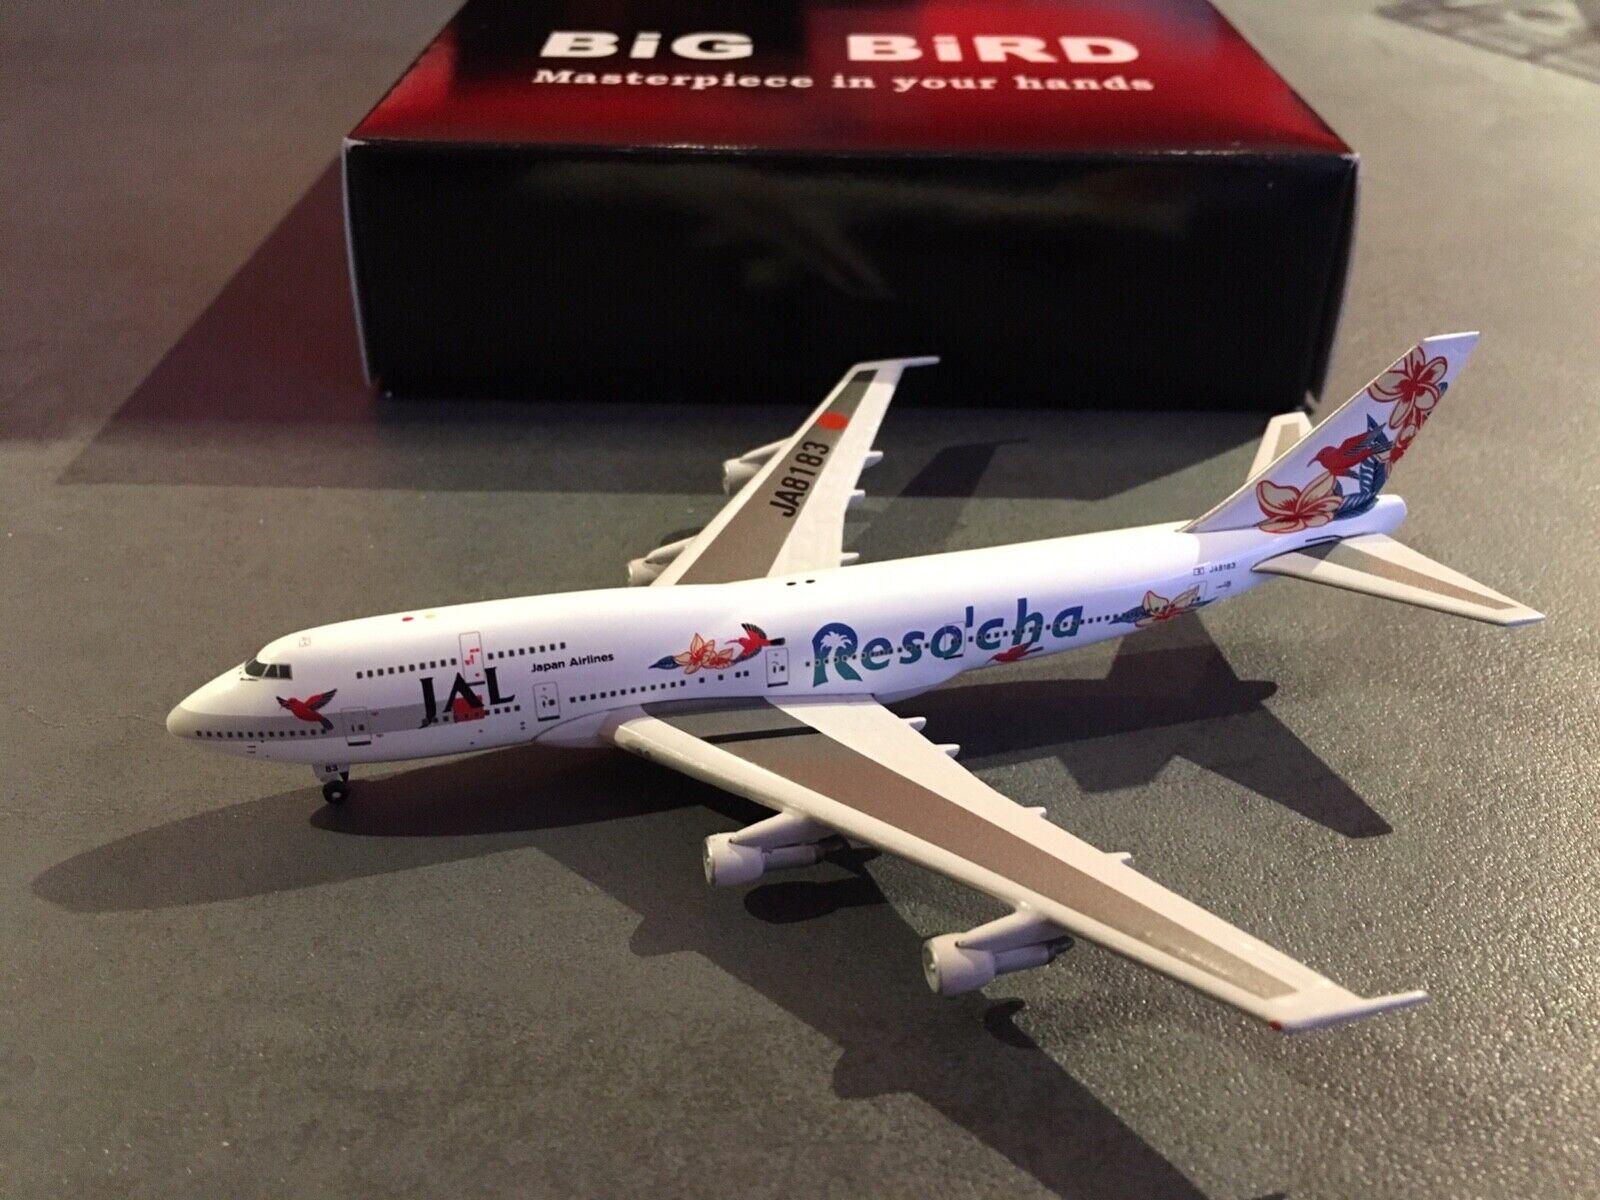 5 Stars 1 500 - JAL Japan Airlines - Boeing 747-346 - Resocha Blau